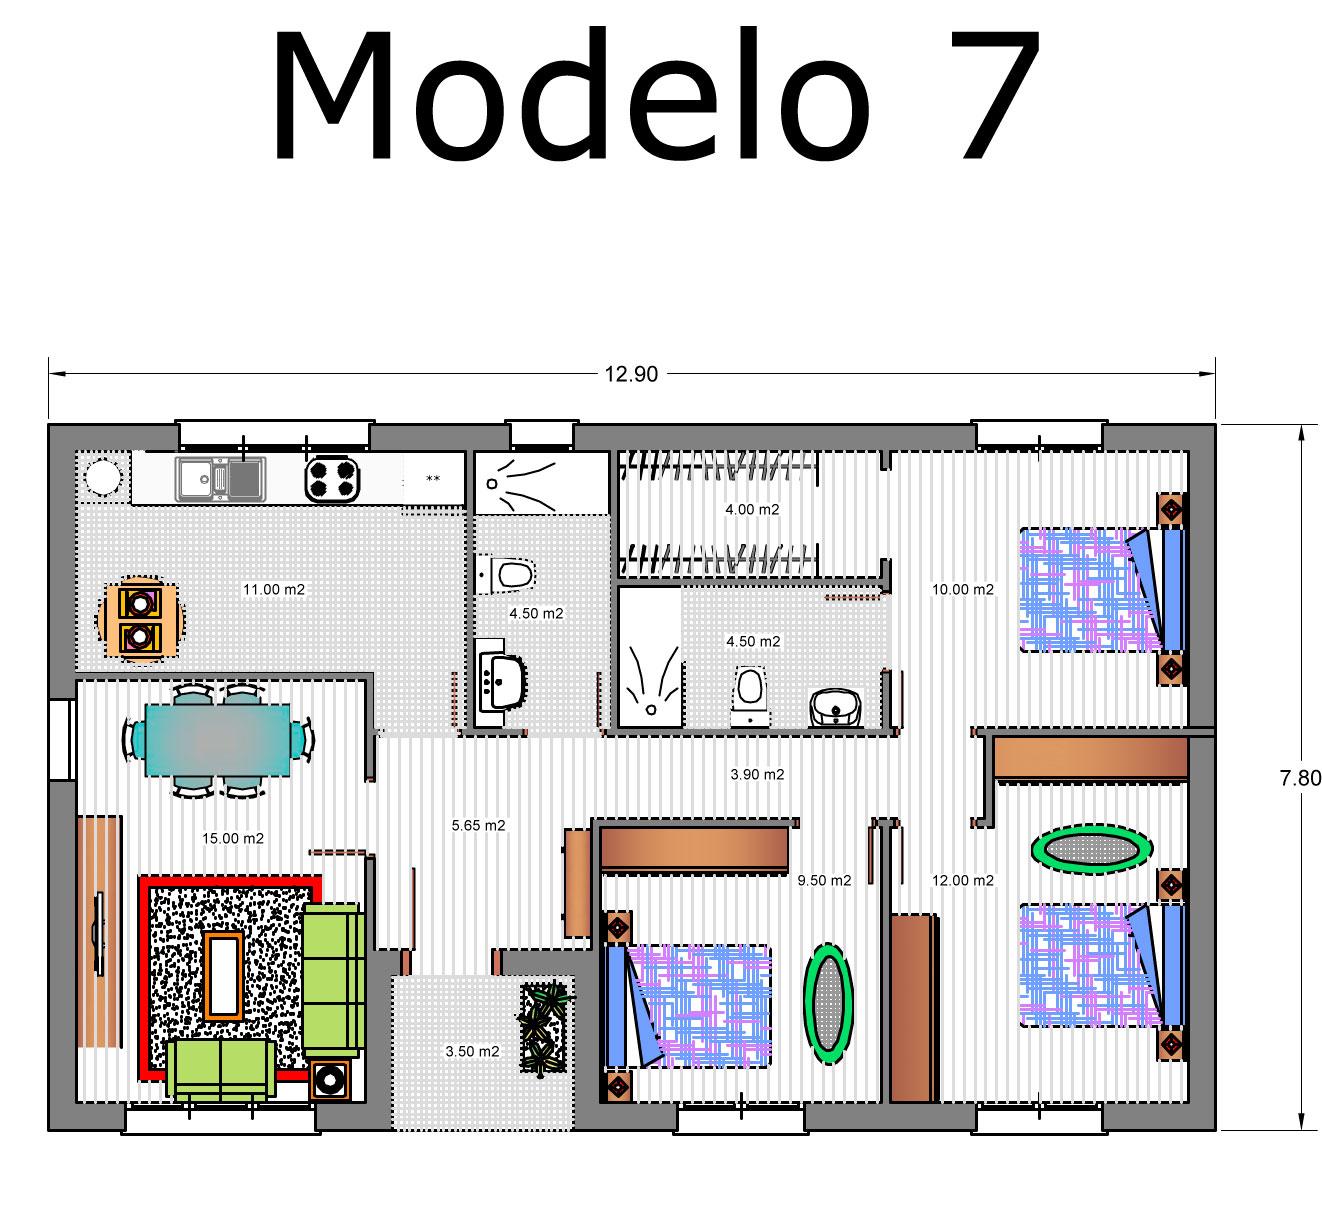 Precio proyecto casa 120 m2 simple casa mil fracc la ciudadela precio with precio proyecto casa - Precio proyecto casa 120 m2 ...